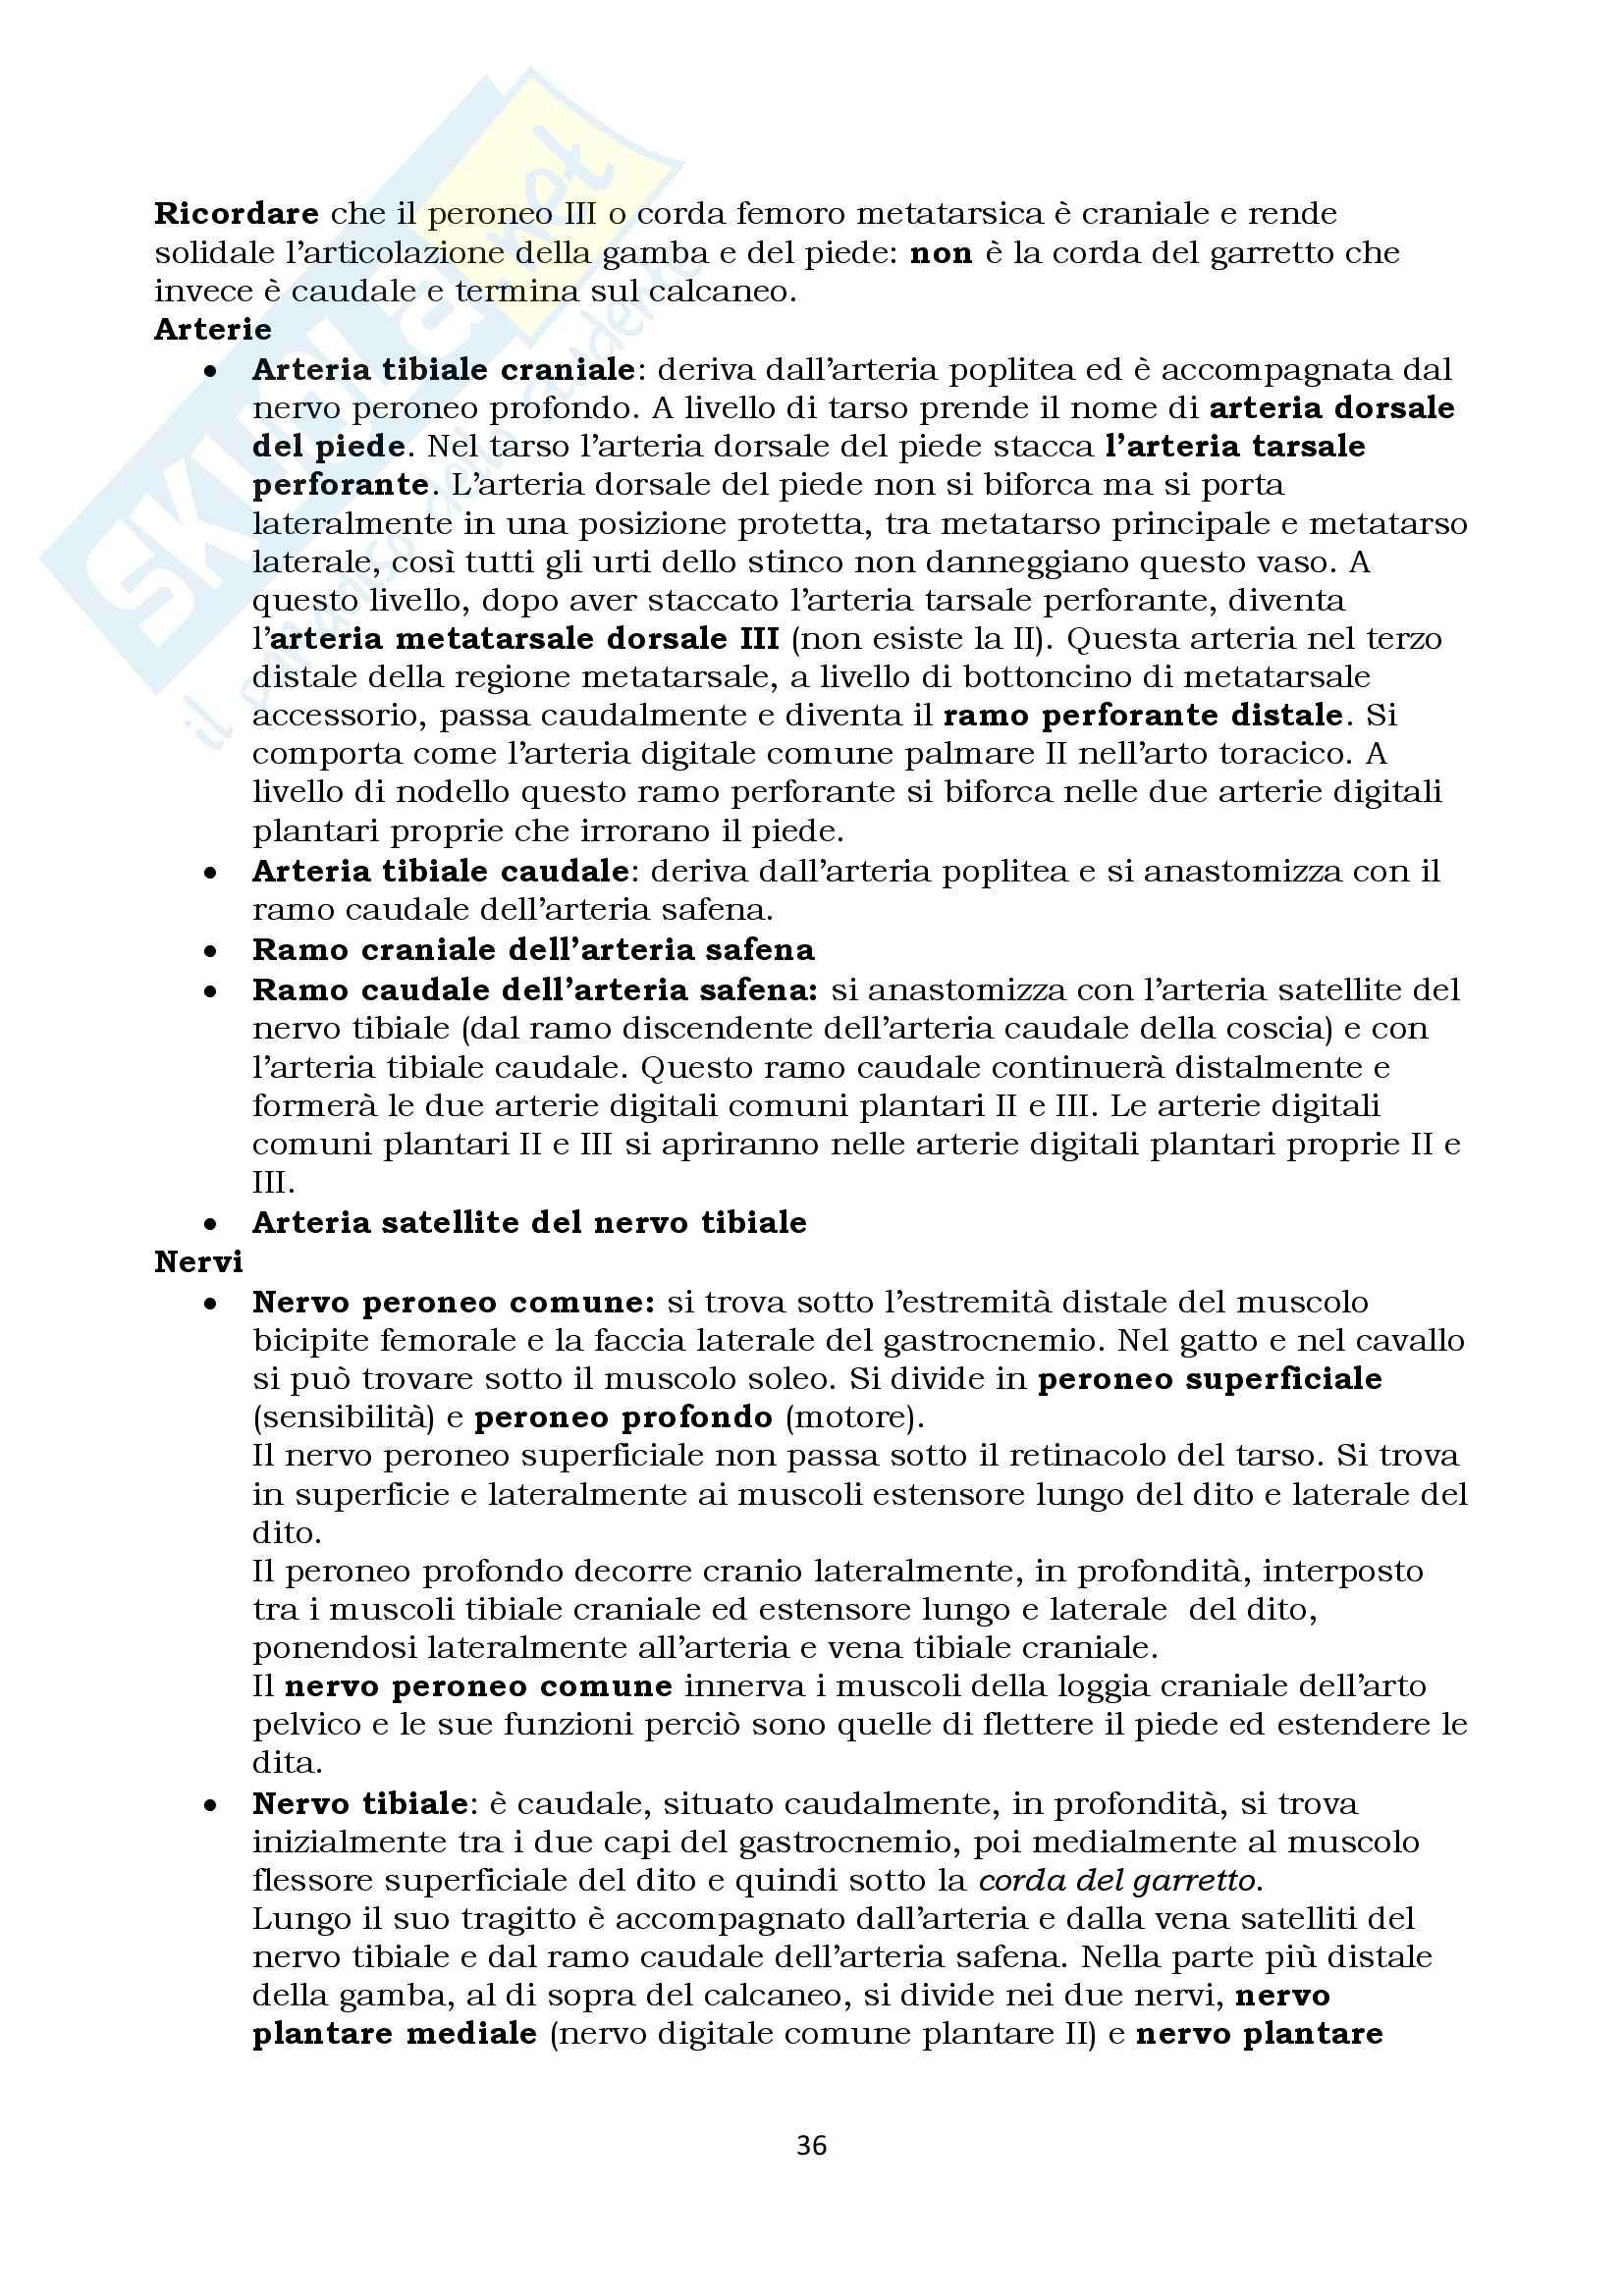 Anatomia Topografica Veterinaria - arto toracico e pelvico Pag. 36